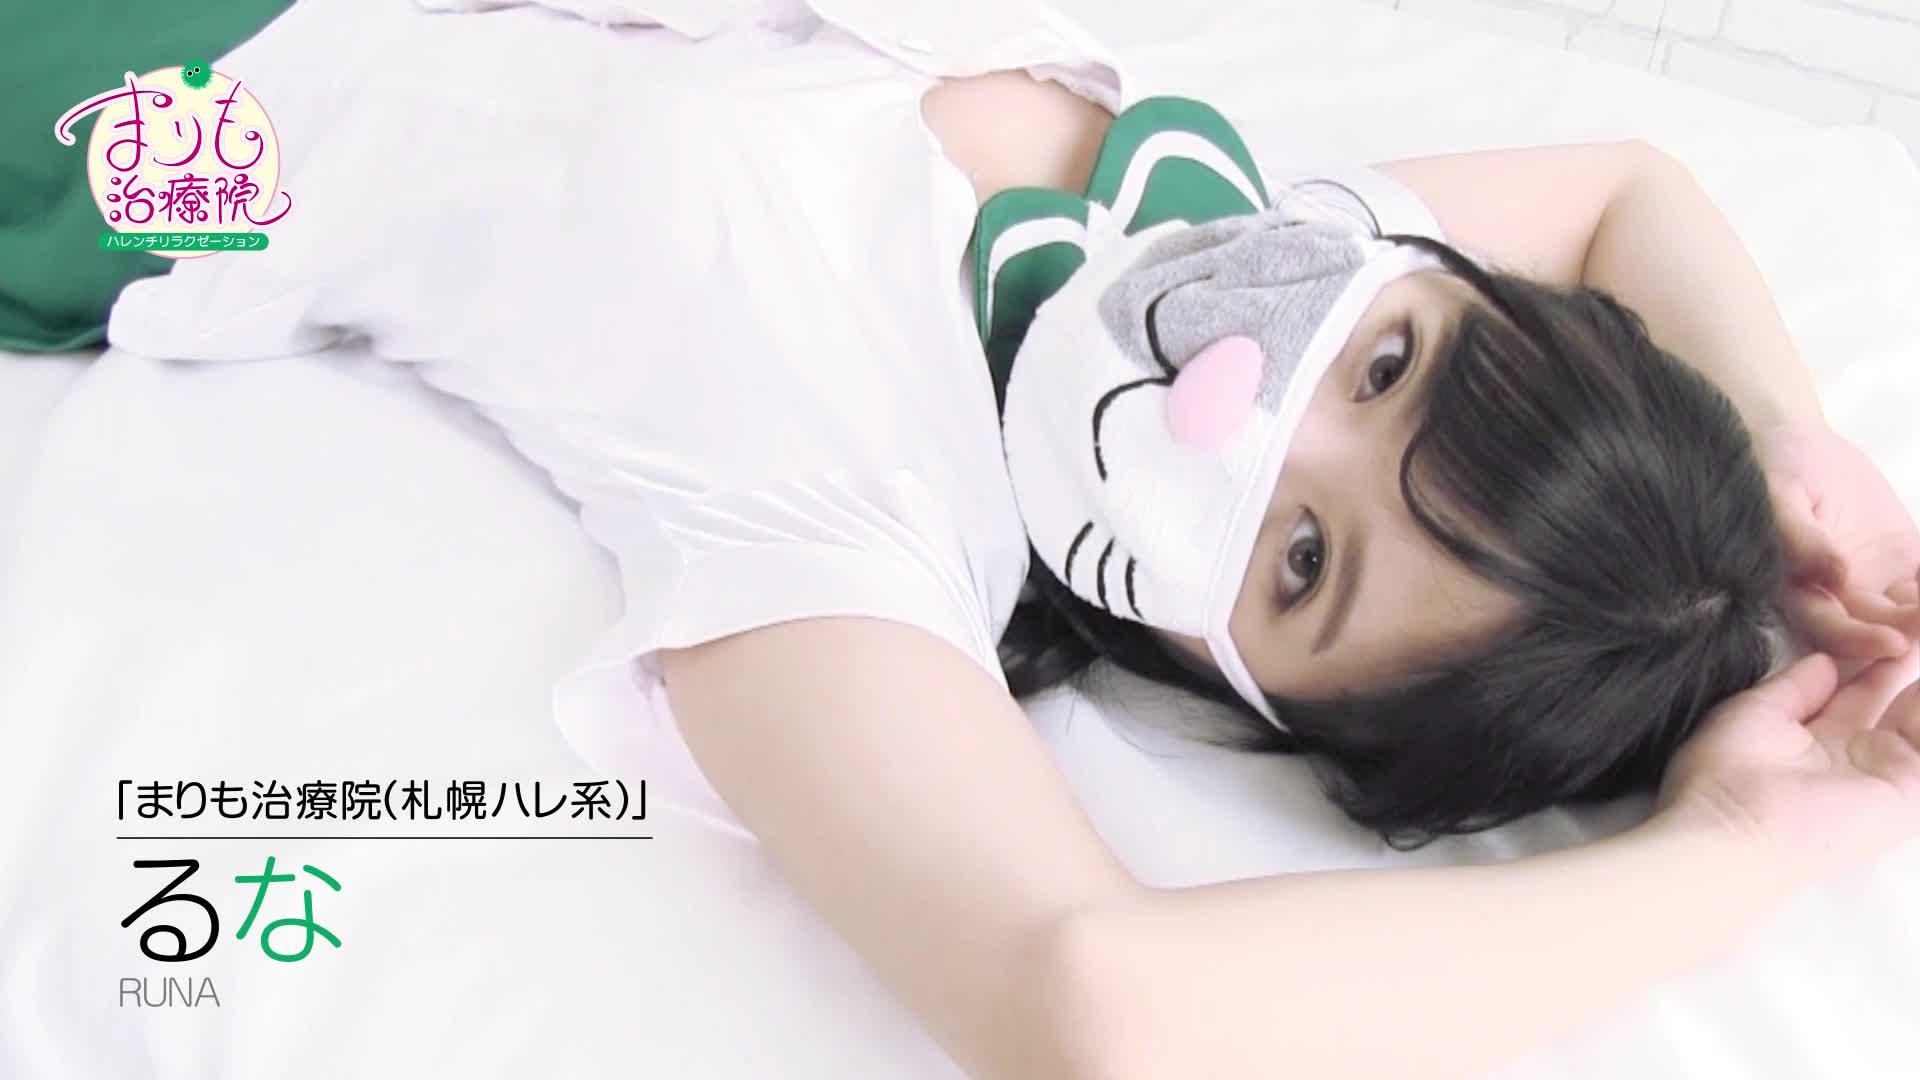 まりも治療院(札幌ハレ系)|風俗動画